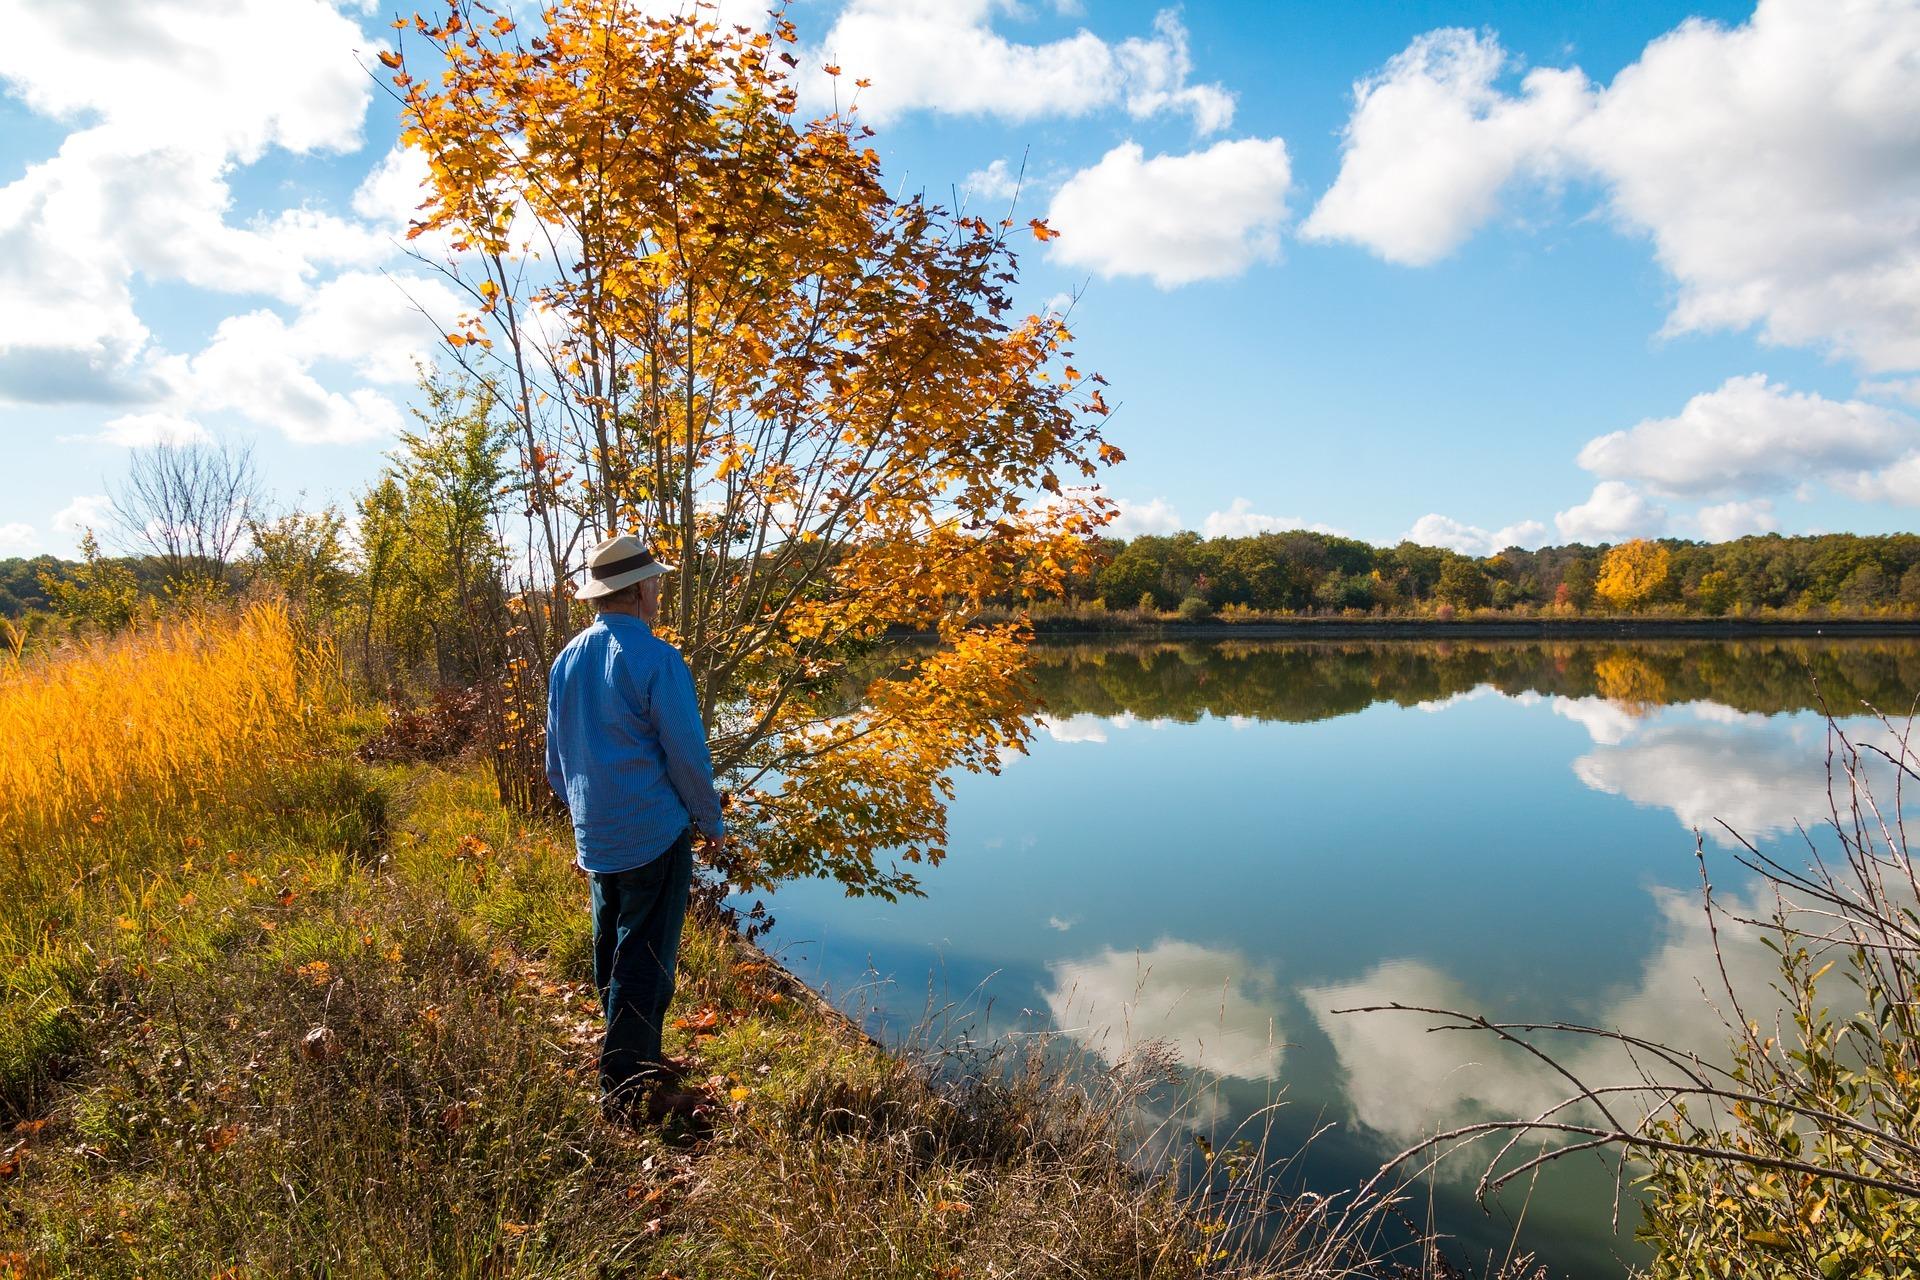 Zeitvertreib im Ruhestand: Neue Lebensinhalte finden nach der Pensionierung